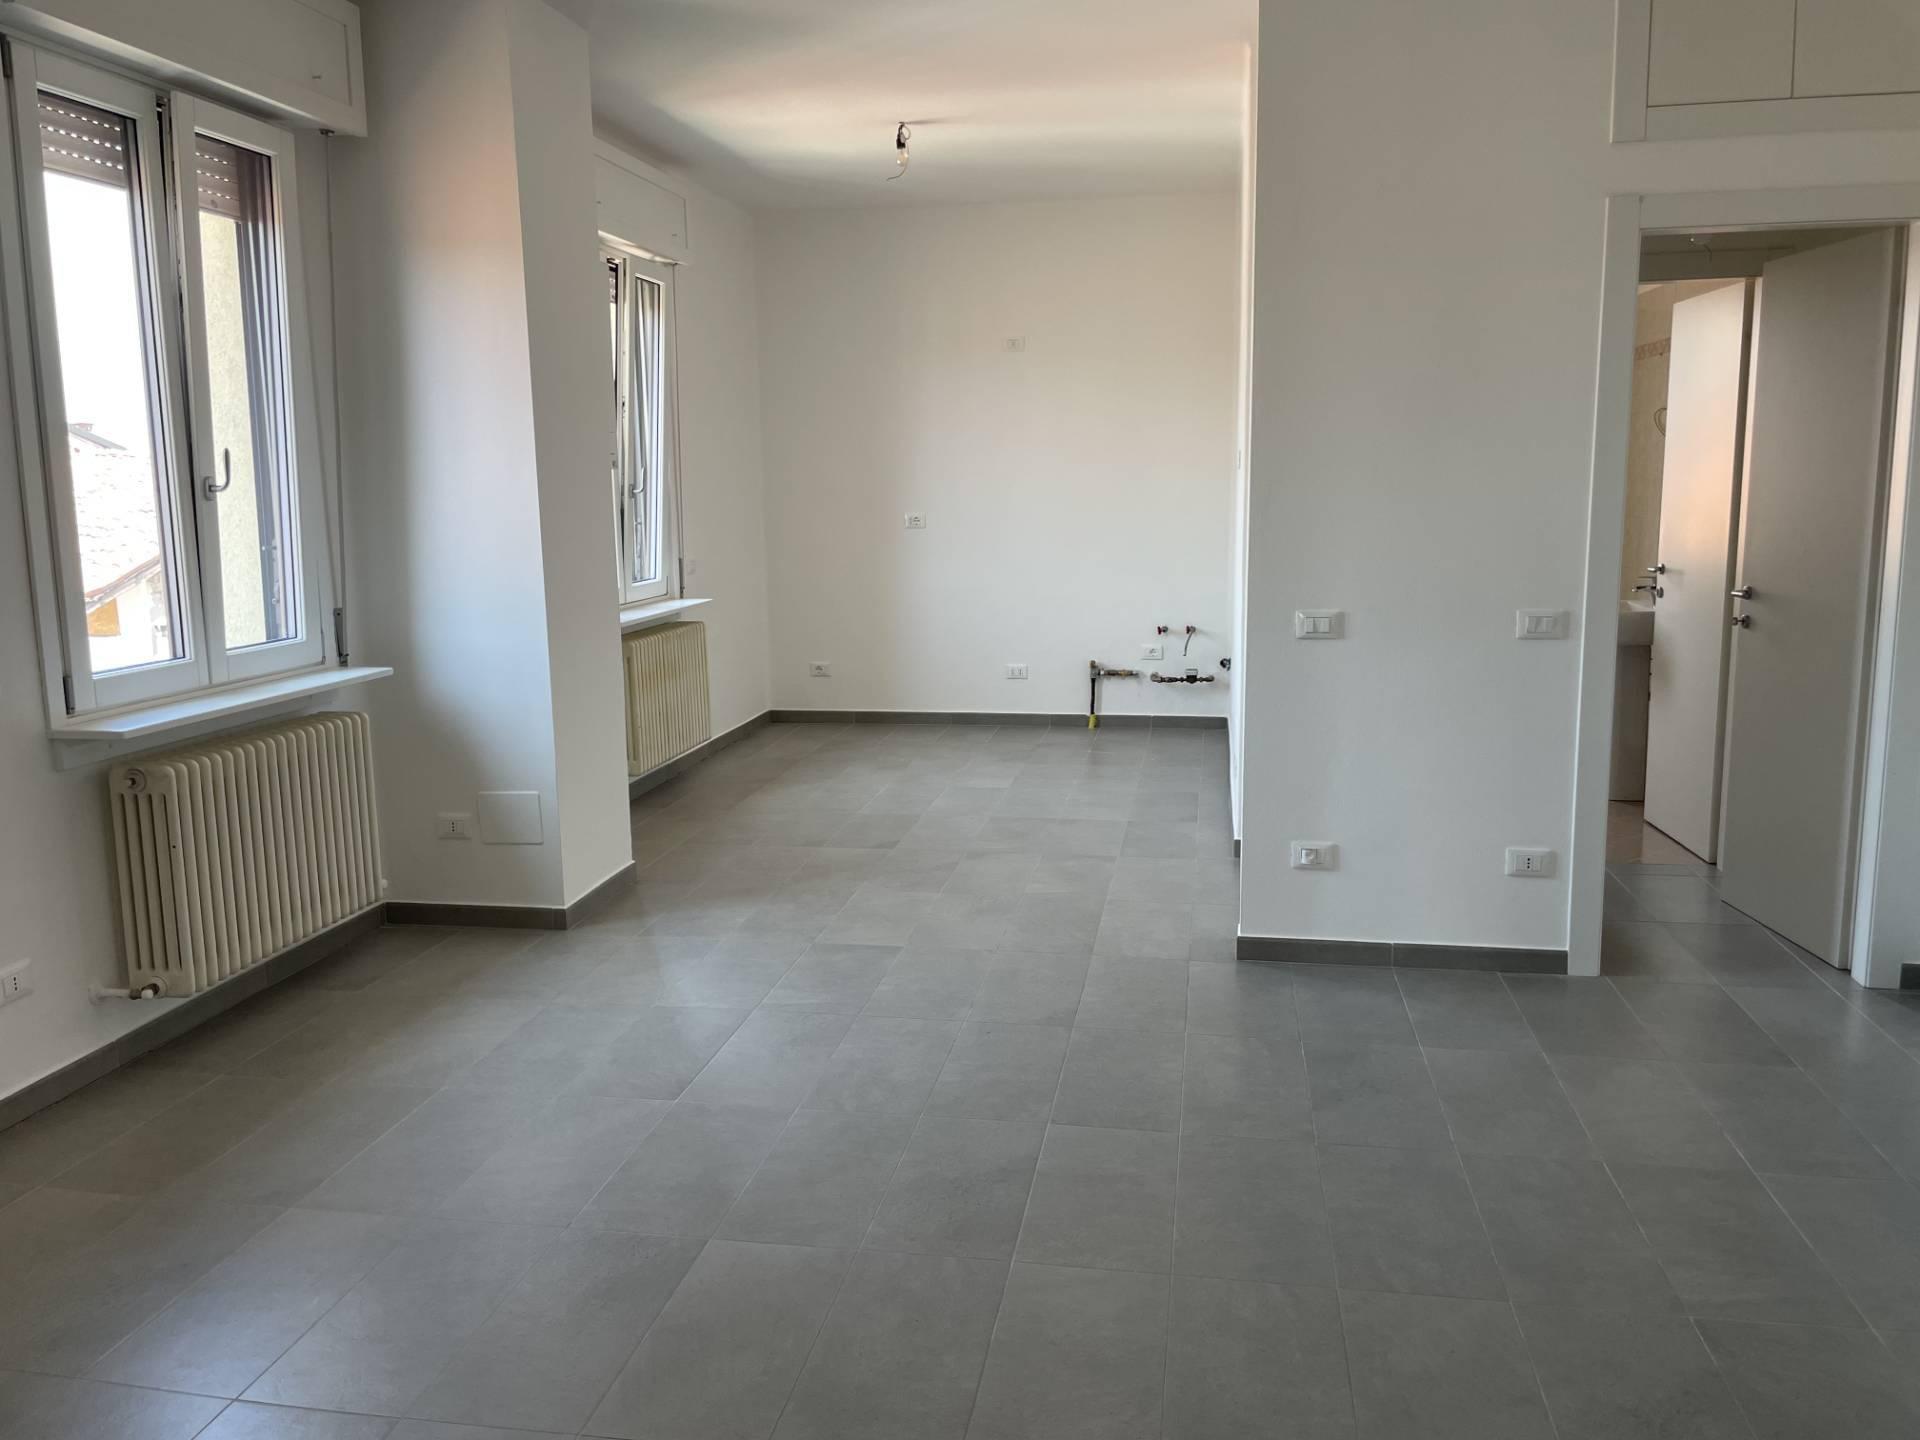 Appartamento in affitto a Curno, 2 locali, prezzo € 450 | CambioCasa.it